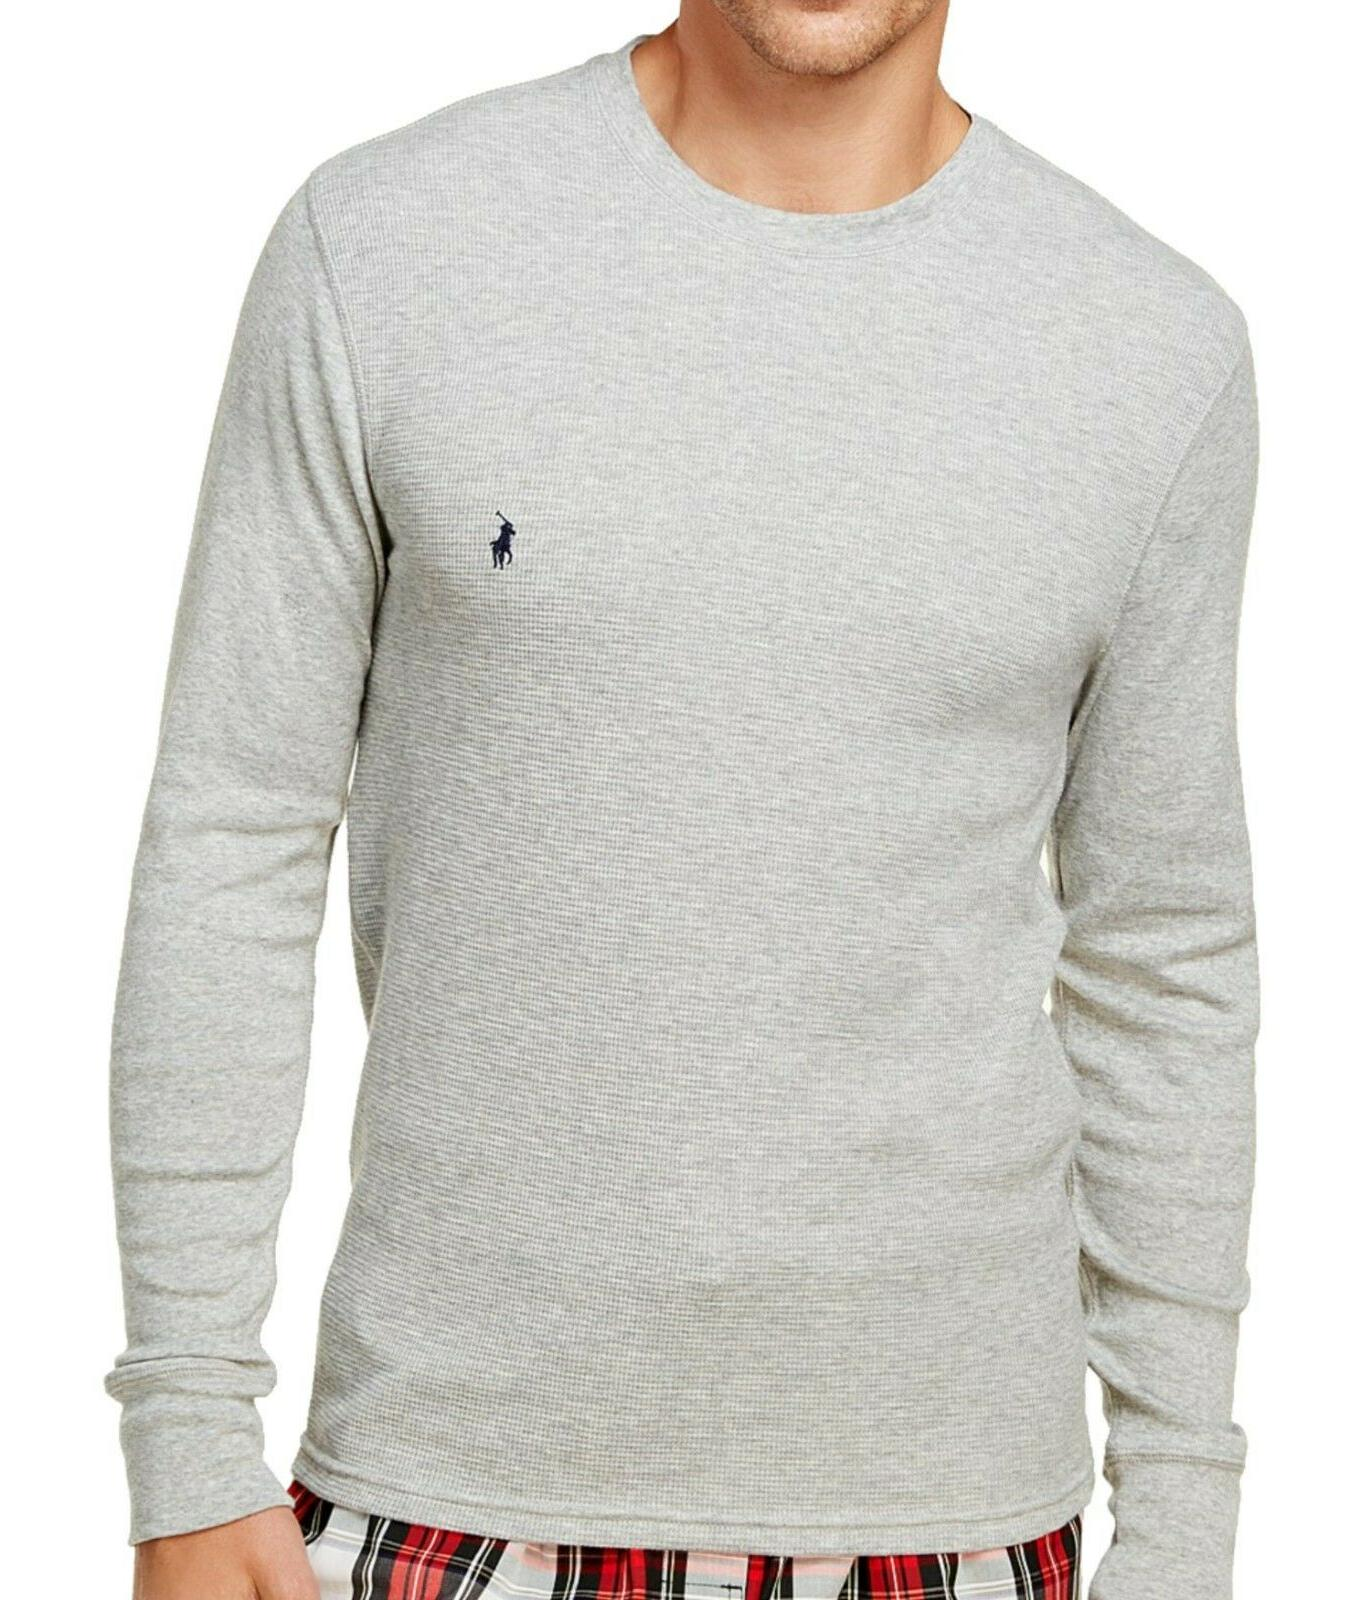 New Ralph Lauren Thermal Sleeve - S